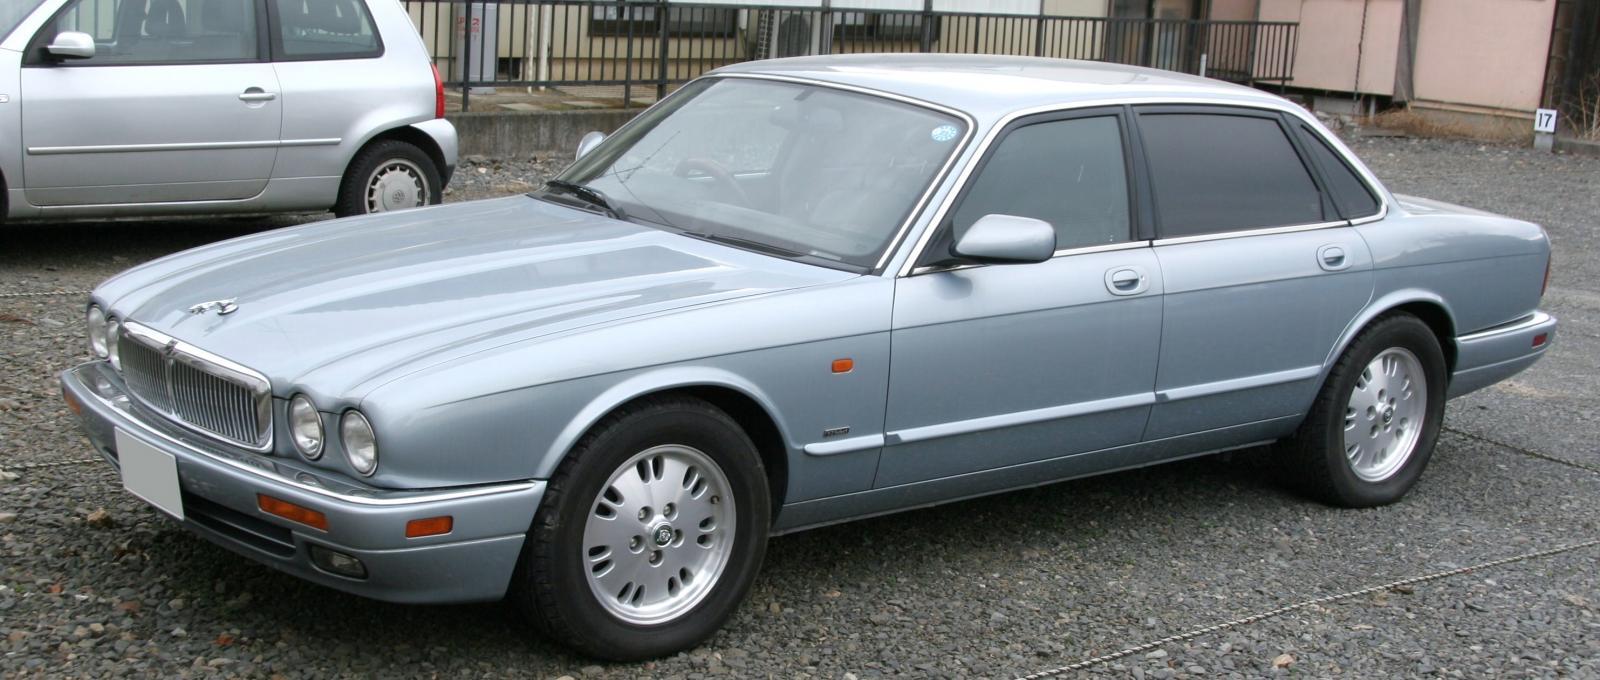 800 1024 1280 1600 origin 1995 jaguar